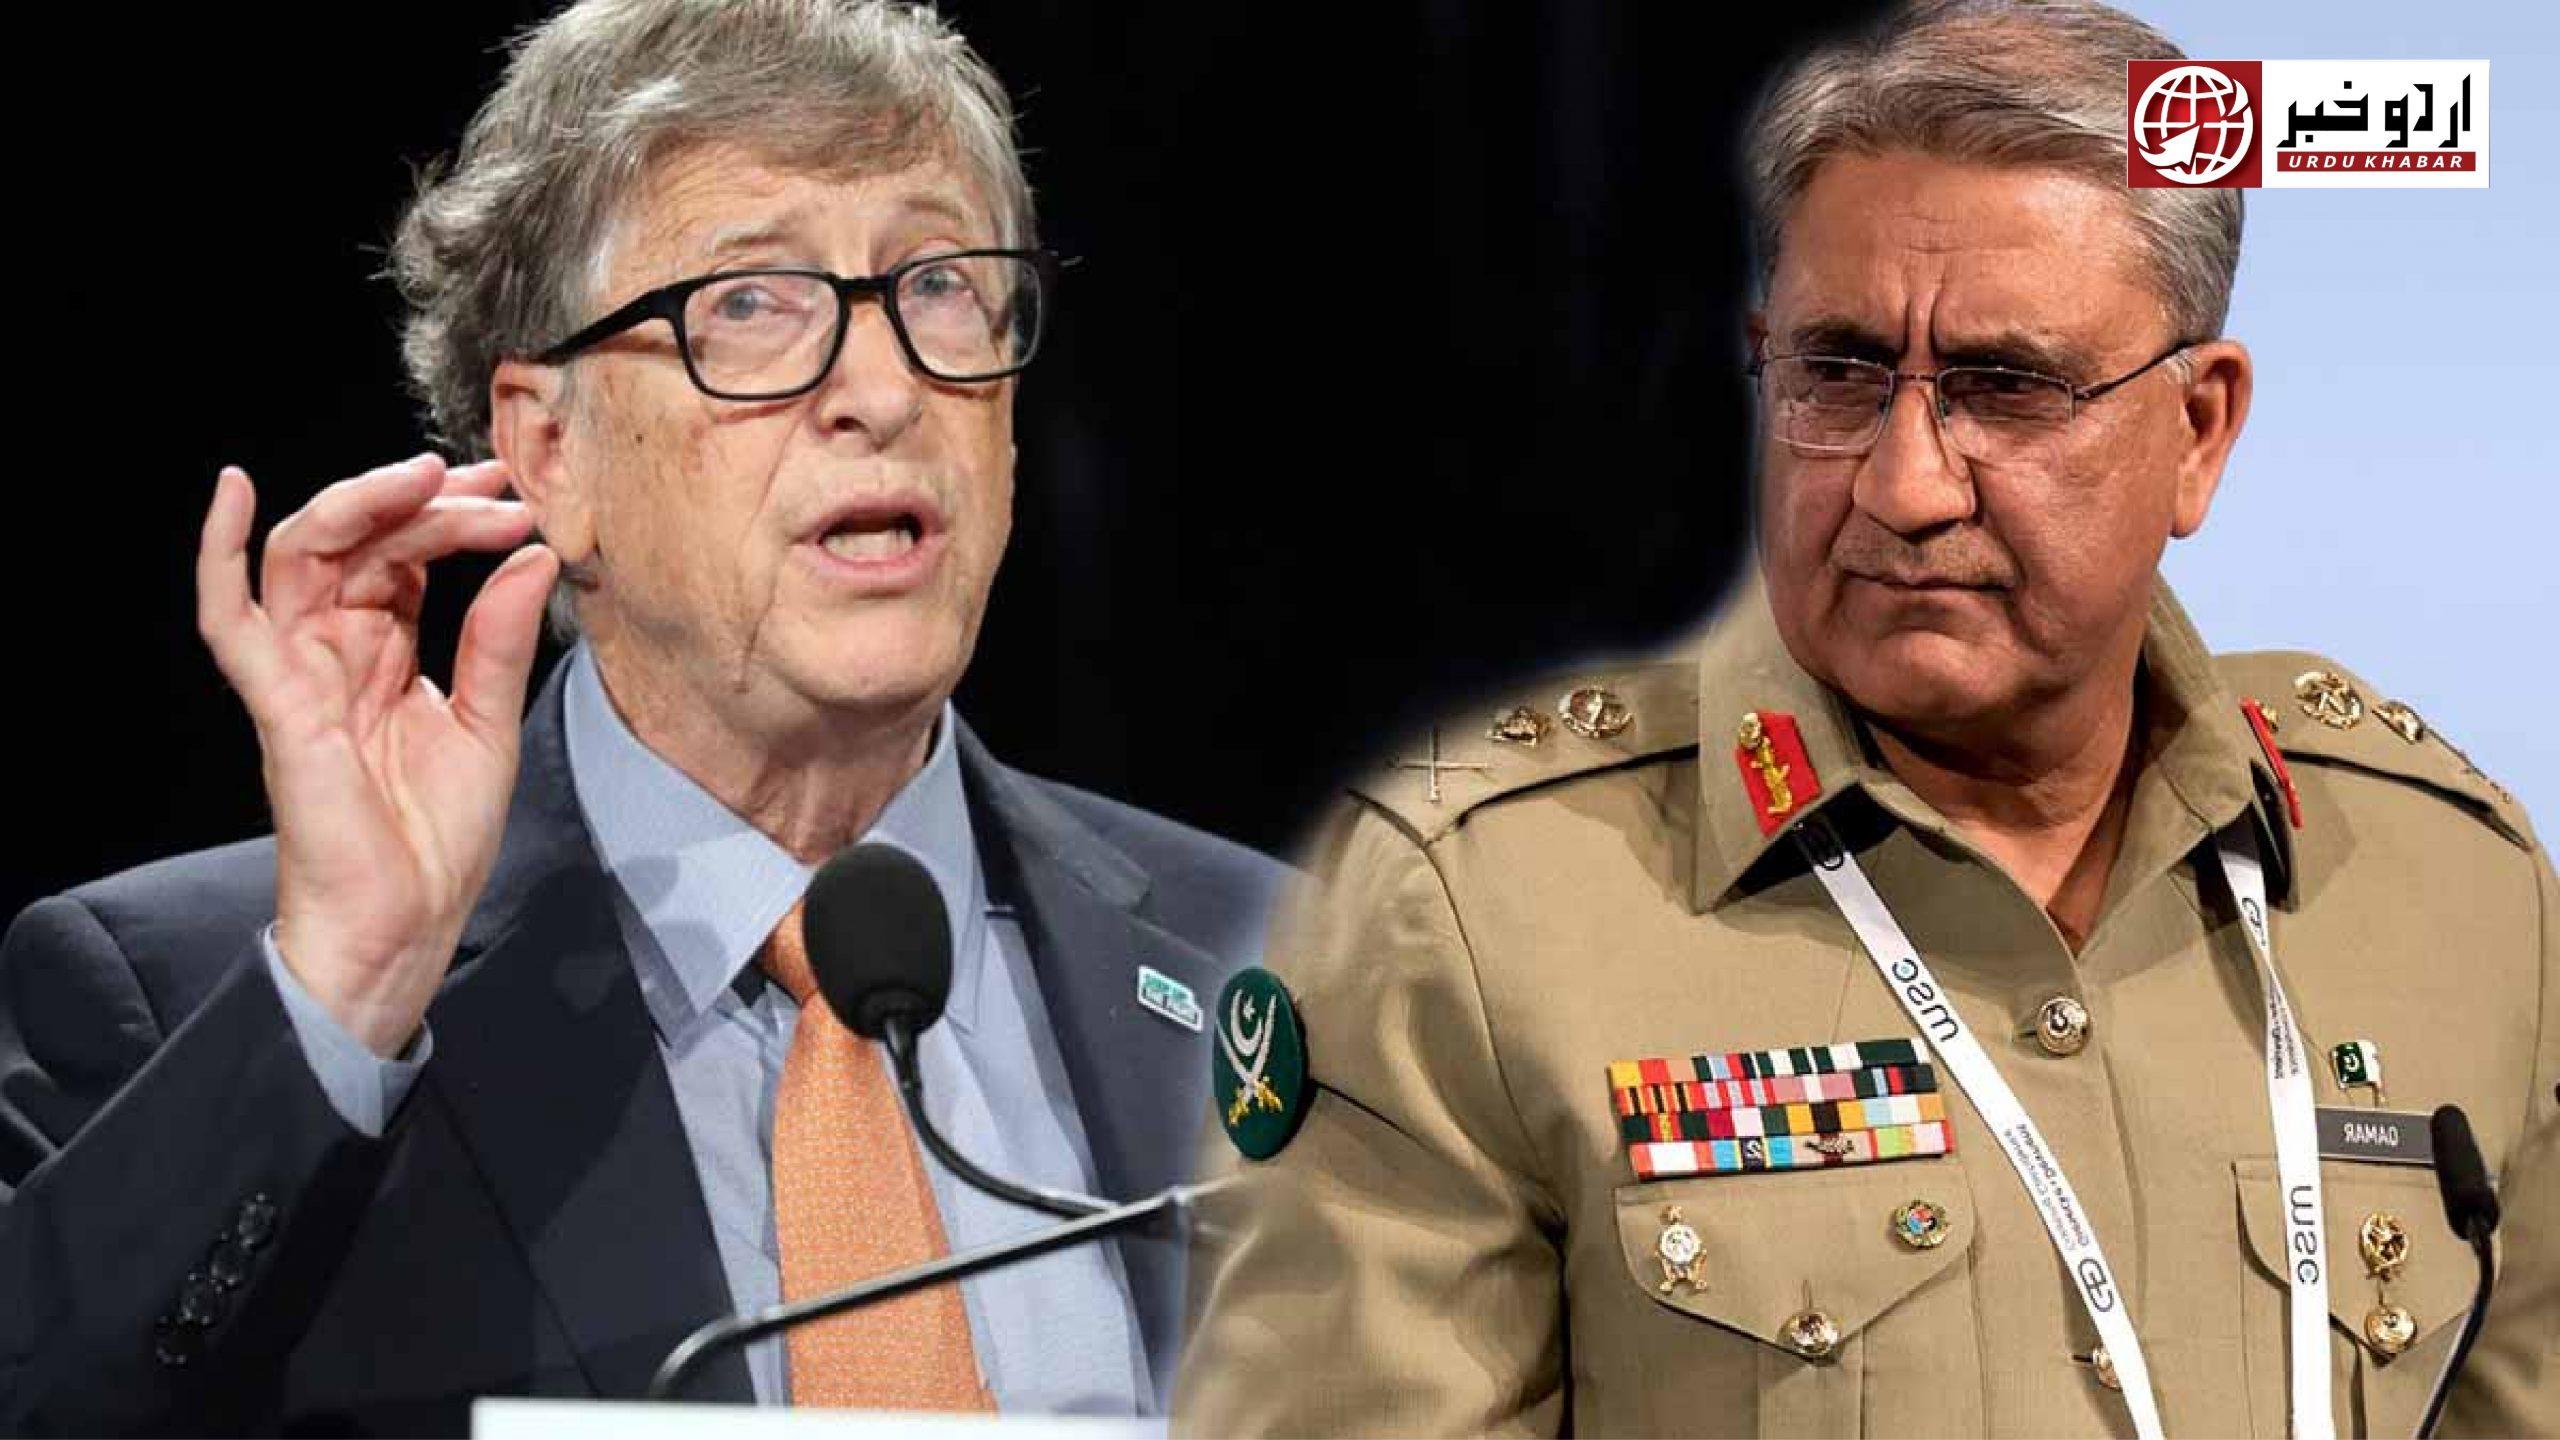 جنرل قمر باجوہ اور بل گیٹس کی پاکستان میں پولیو اور کورونا سے متعلق تبادلہ خیال